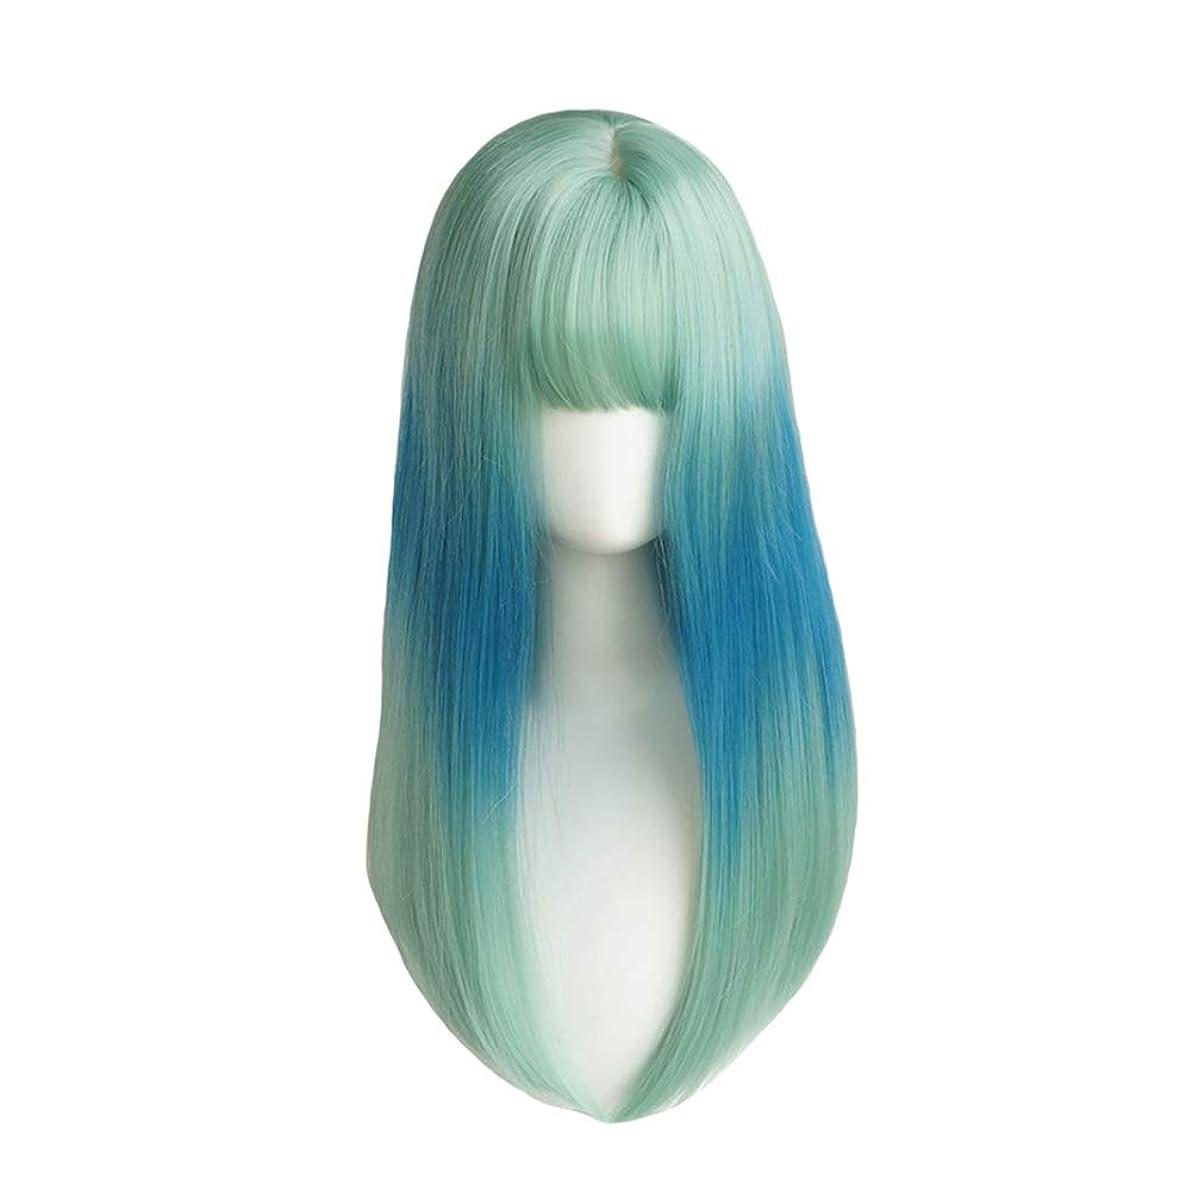 現実的変わるアッティカスウィッグ - ファッションロングストレートウィッグハロウィーンコスプレヒートナチュラル50cmグリーングラデーションブルー (色 : Green, サイズ さいず : 50cm)